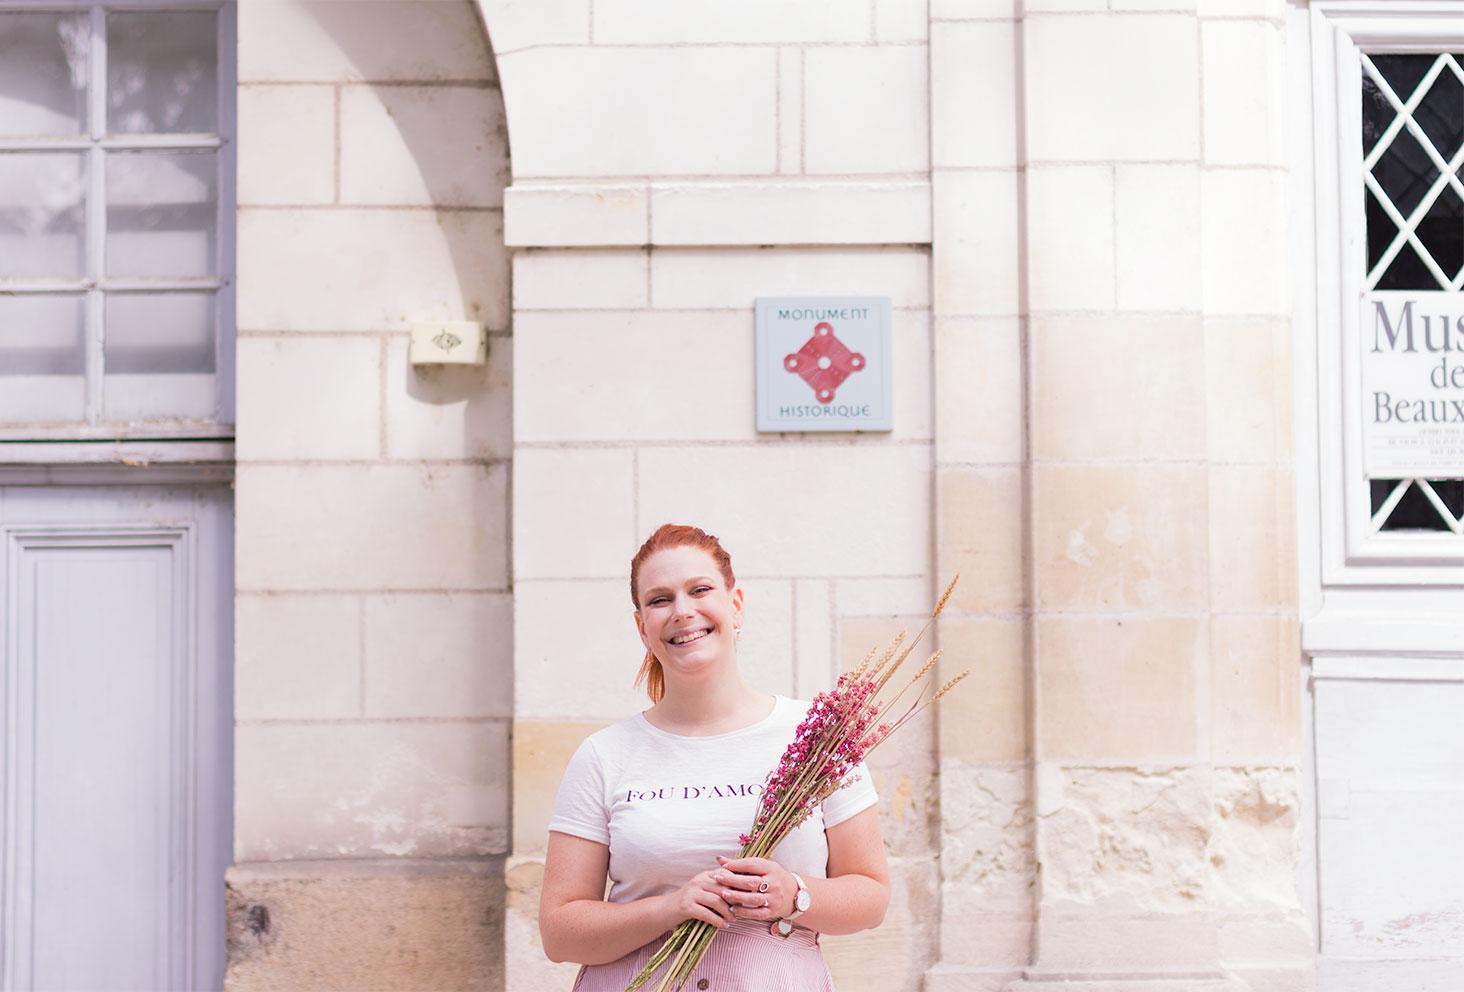 """Devant un mur en pierre, en t-shirt Kiabi blanc """"Fou d'amour"""", des fleurs séchées dans les mains"""